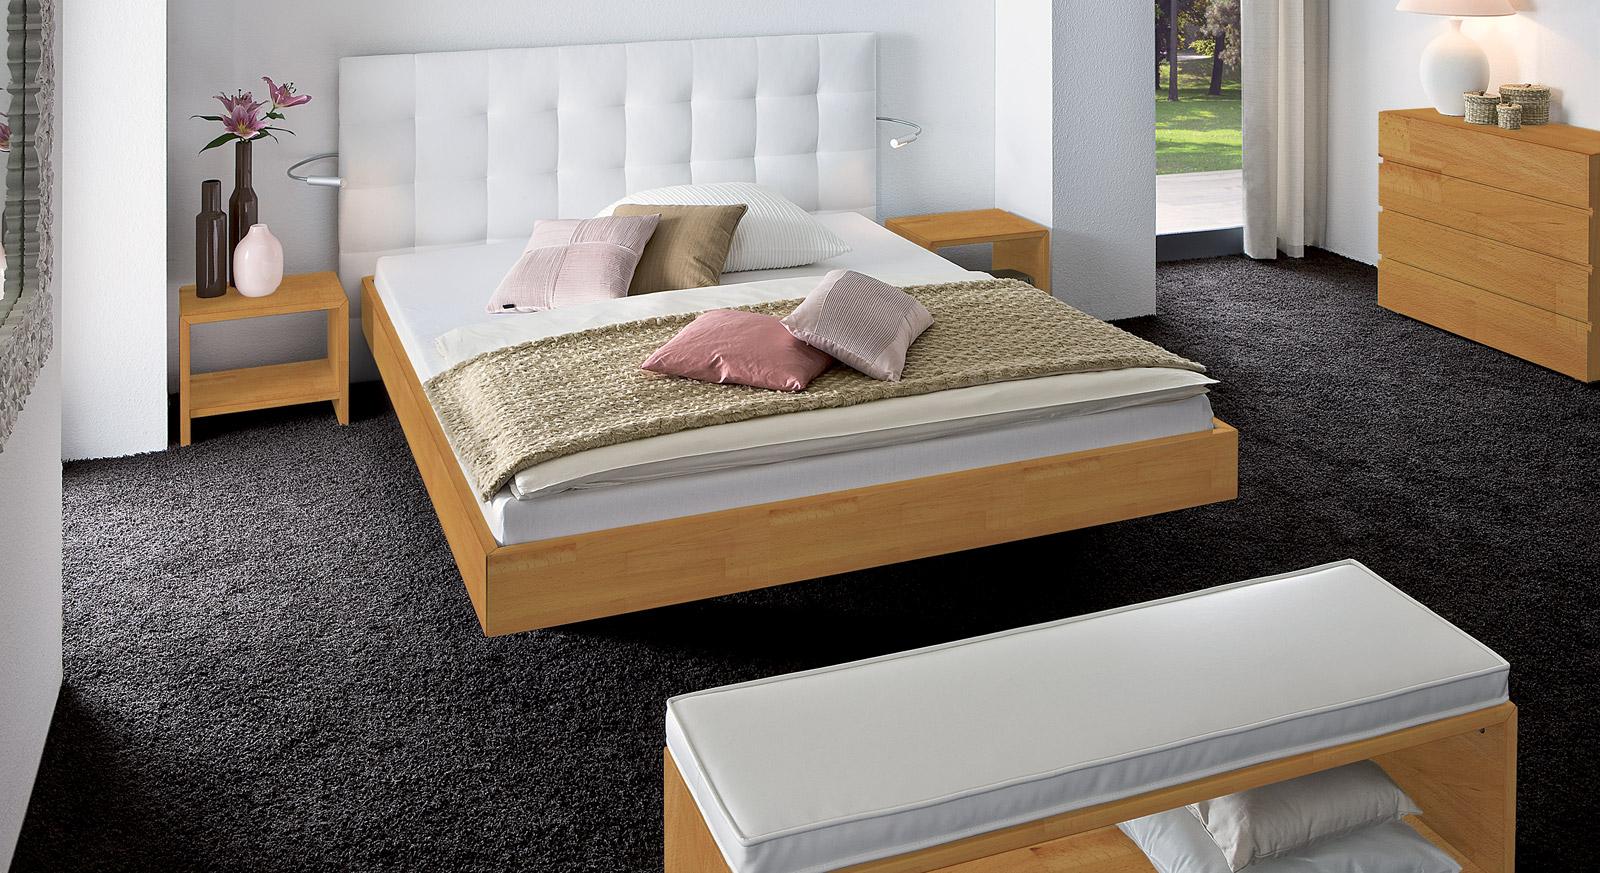 Bett Bianco Deluxe naturfarben